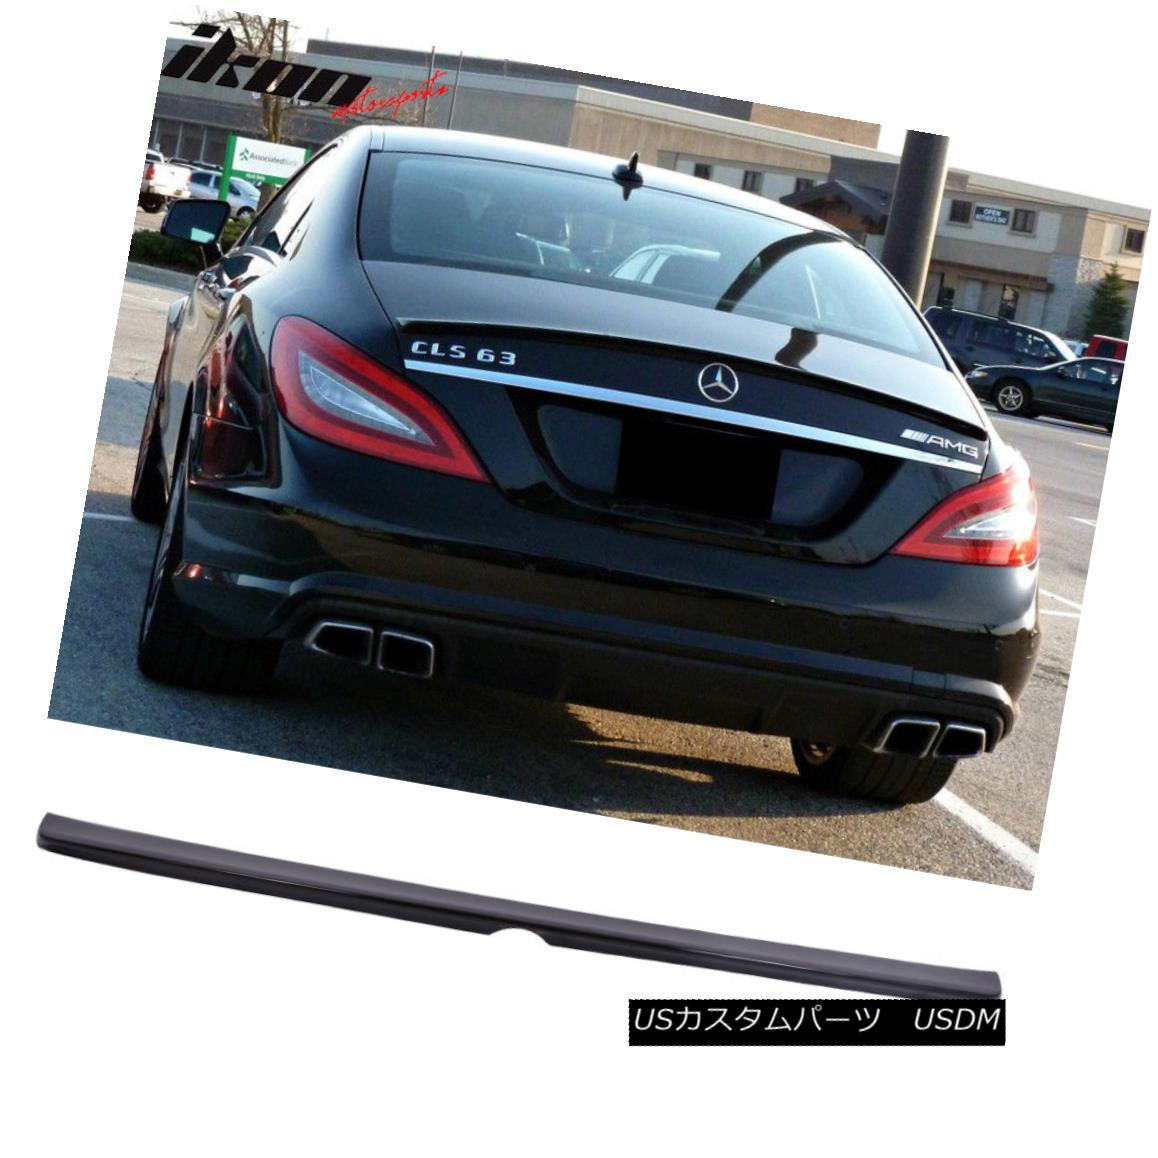 エアロパーツ Fits 11-17 Benz CLS Class W218 Sedan AMG Style Trunk Spoiler Painted #040 Black フィット11-17ベンツCLSクラスW218セダンAMGスタイルトランクスポイラー#040黒塗装